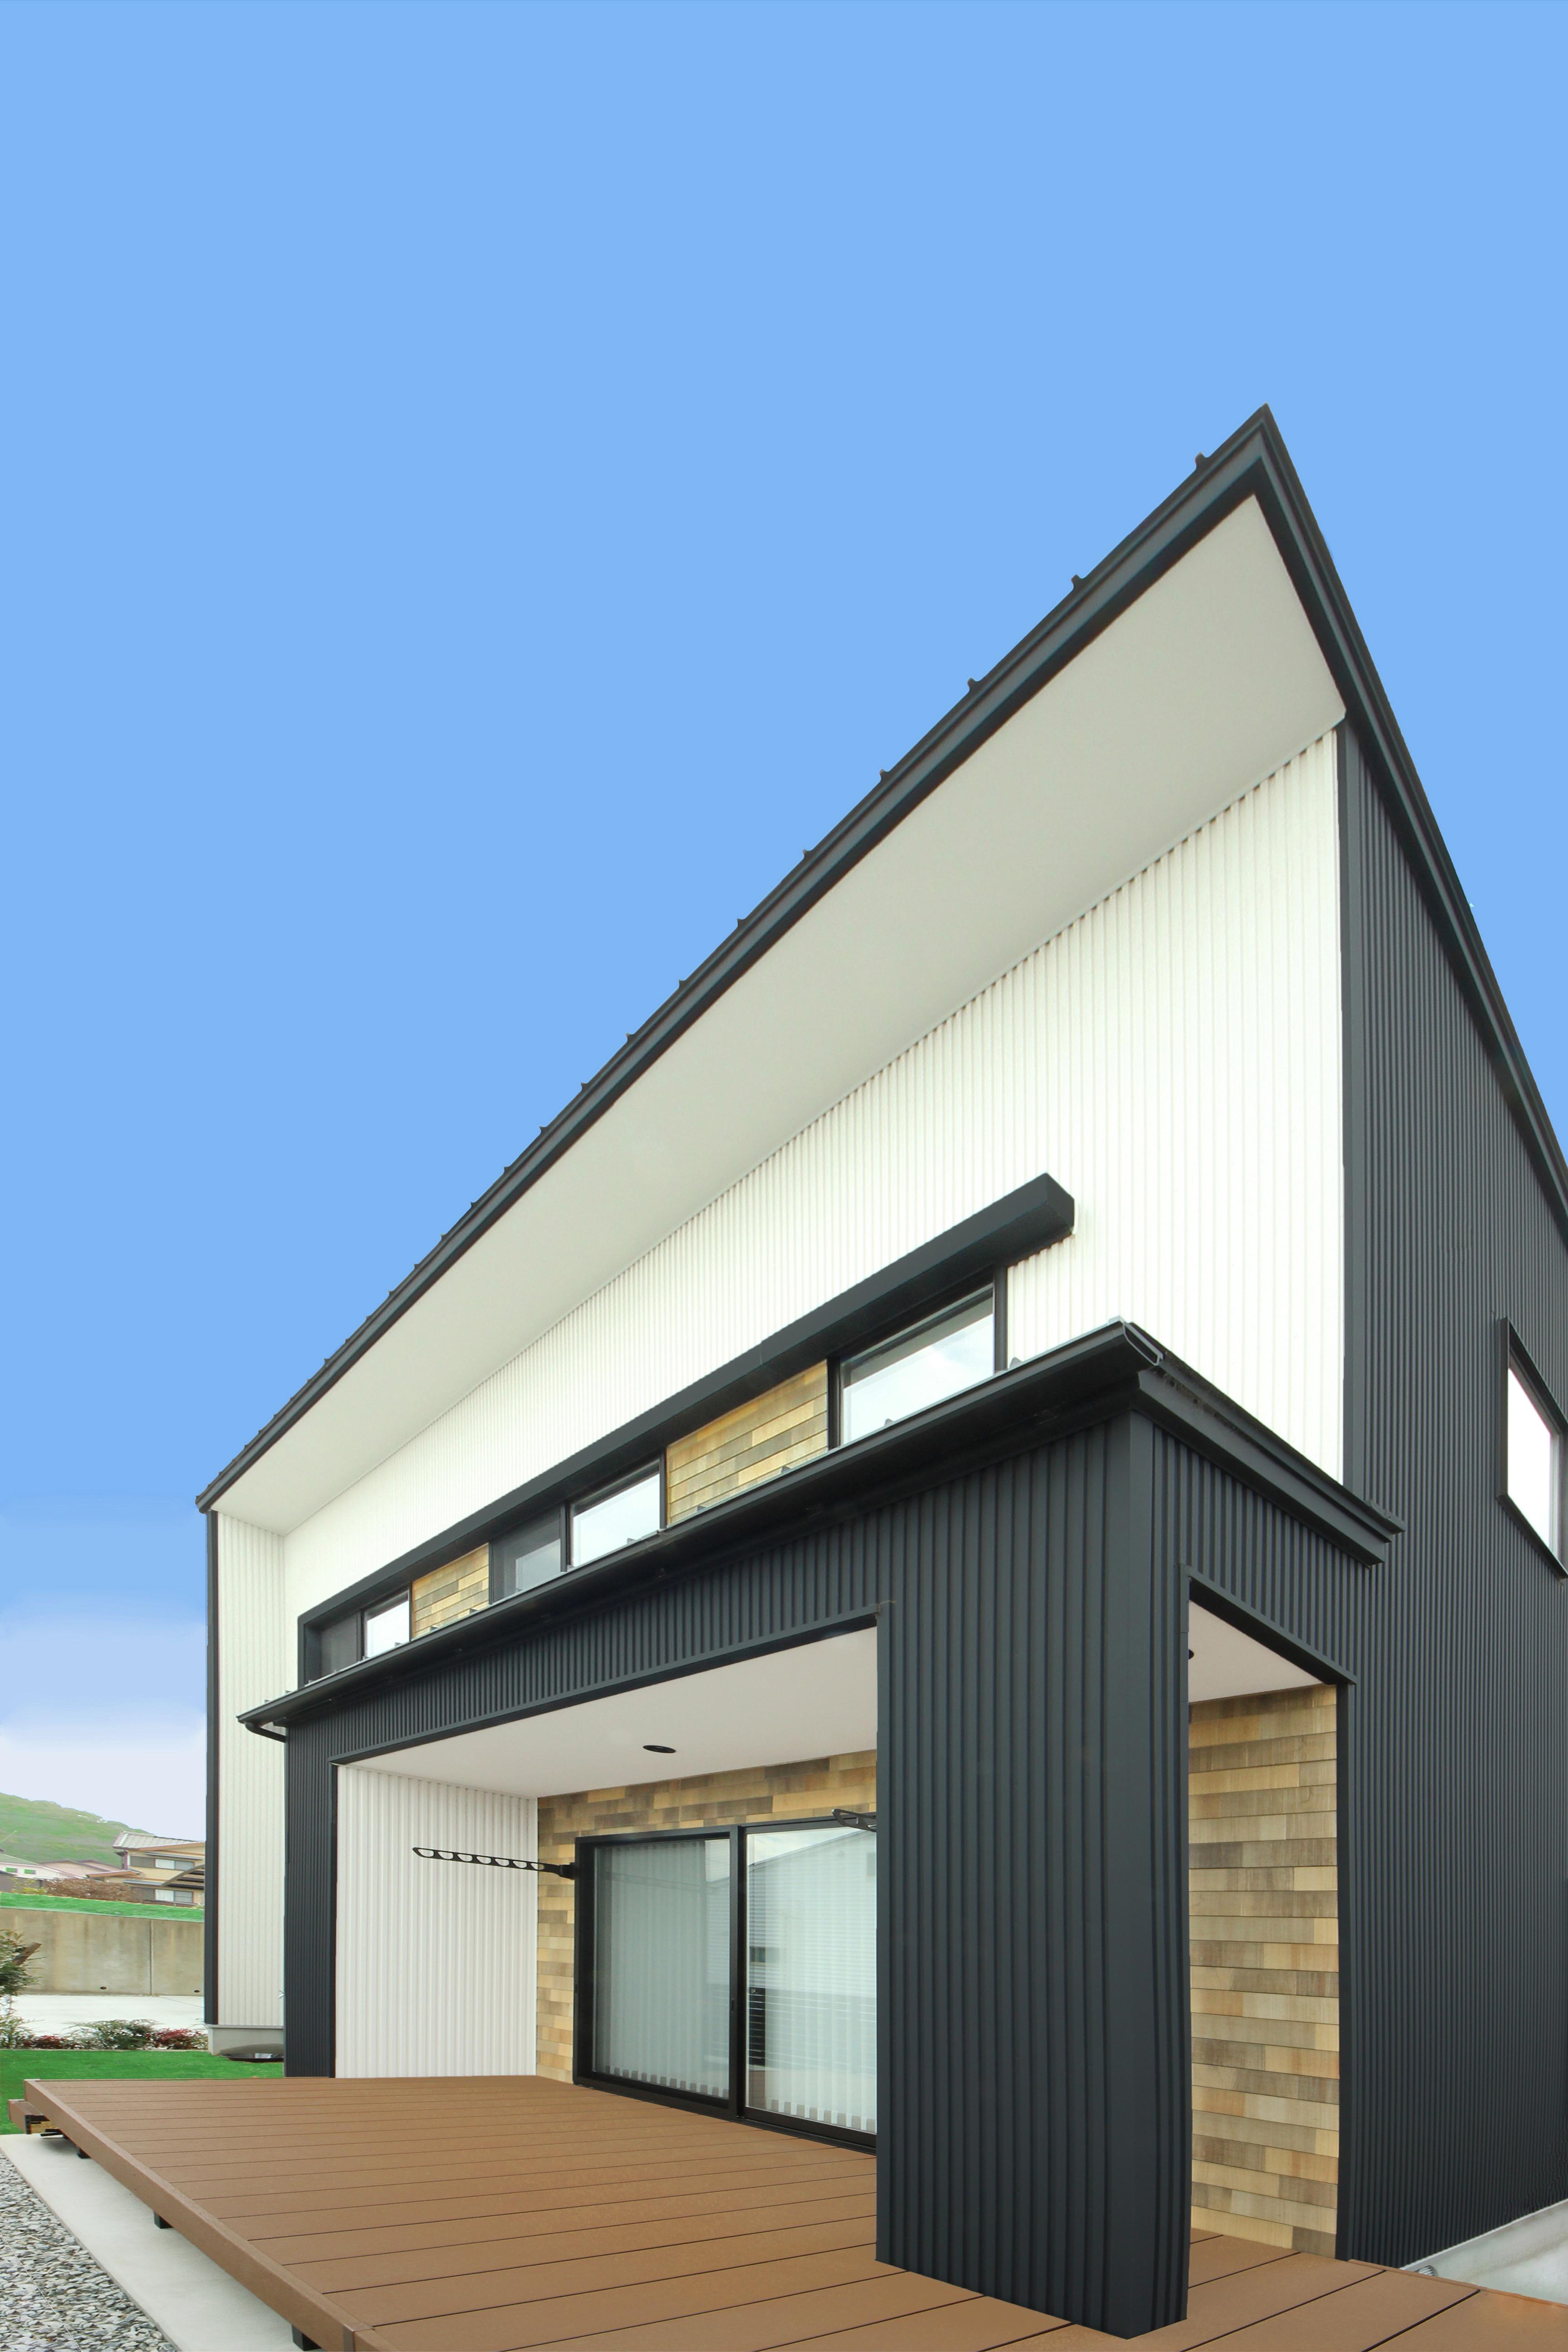 illi-to design 鳥居建設21【デザイン住宅、省エネ、インテリア】L字型に設えた大きなウッドデッキ。高台から蒲郡の花火大会もよく見える